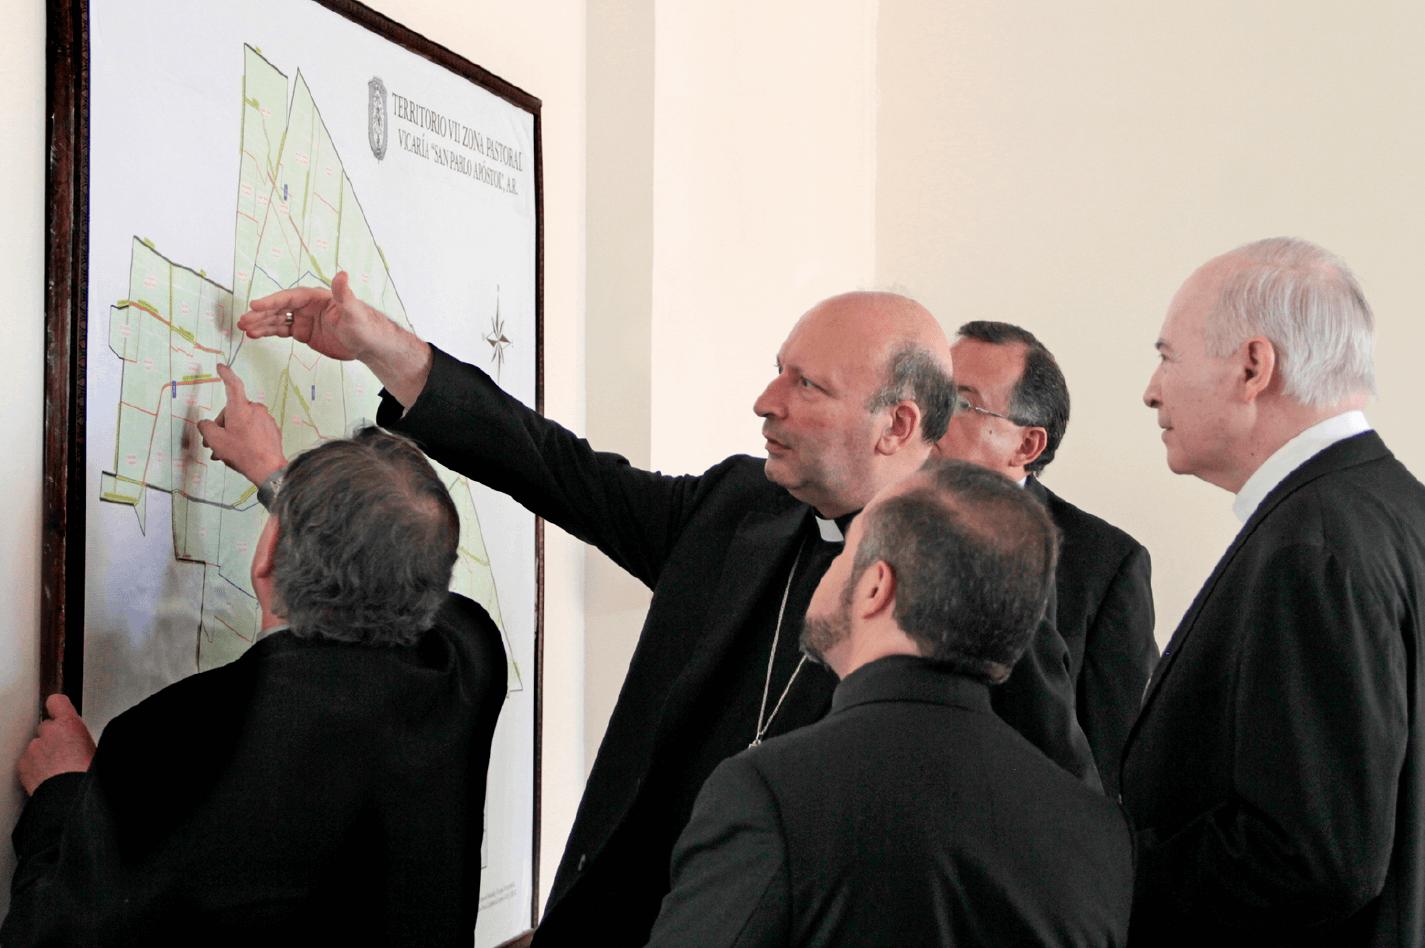 El proyecto de la creación de tres nuevas diócesis fue presentado en noviembre de 2018.